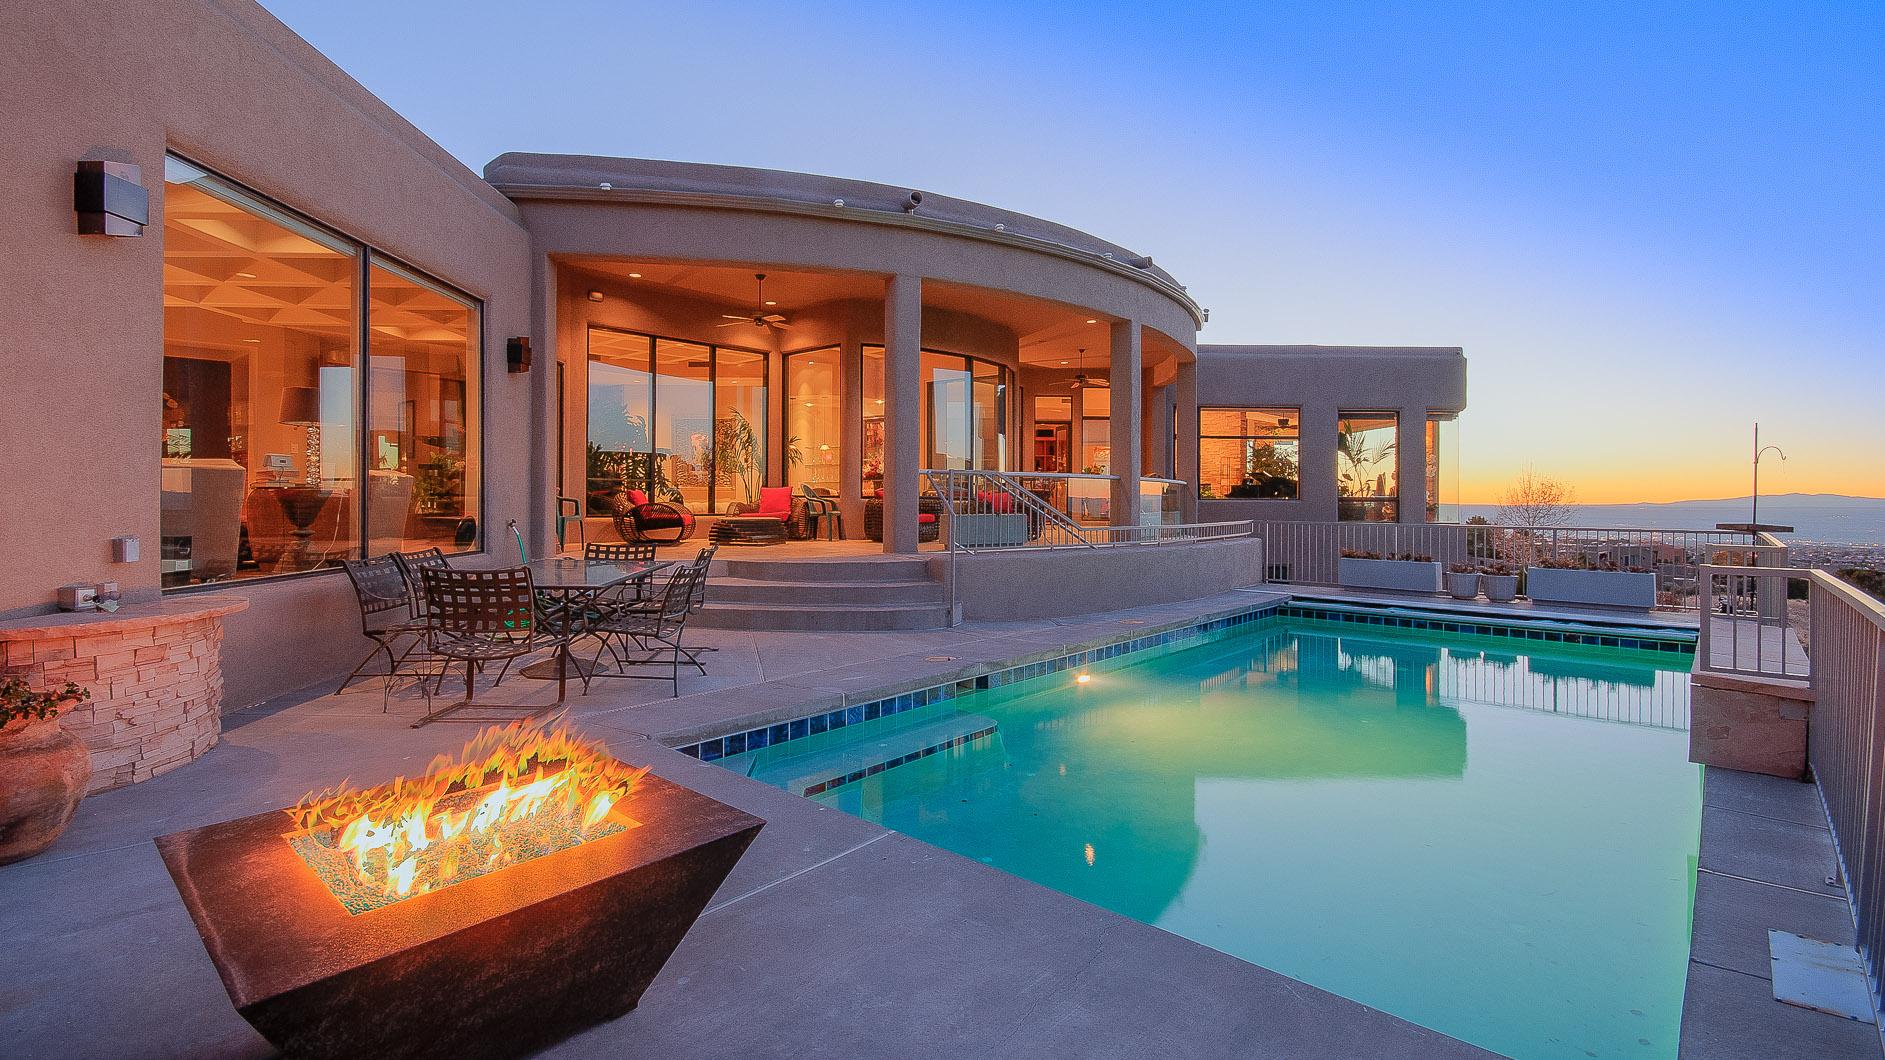 Villa De Paz Albuquerque Nm